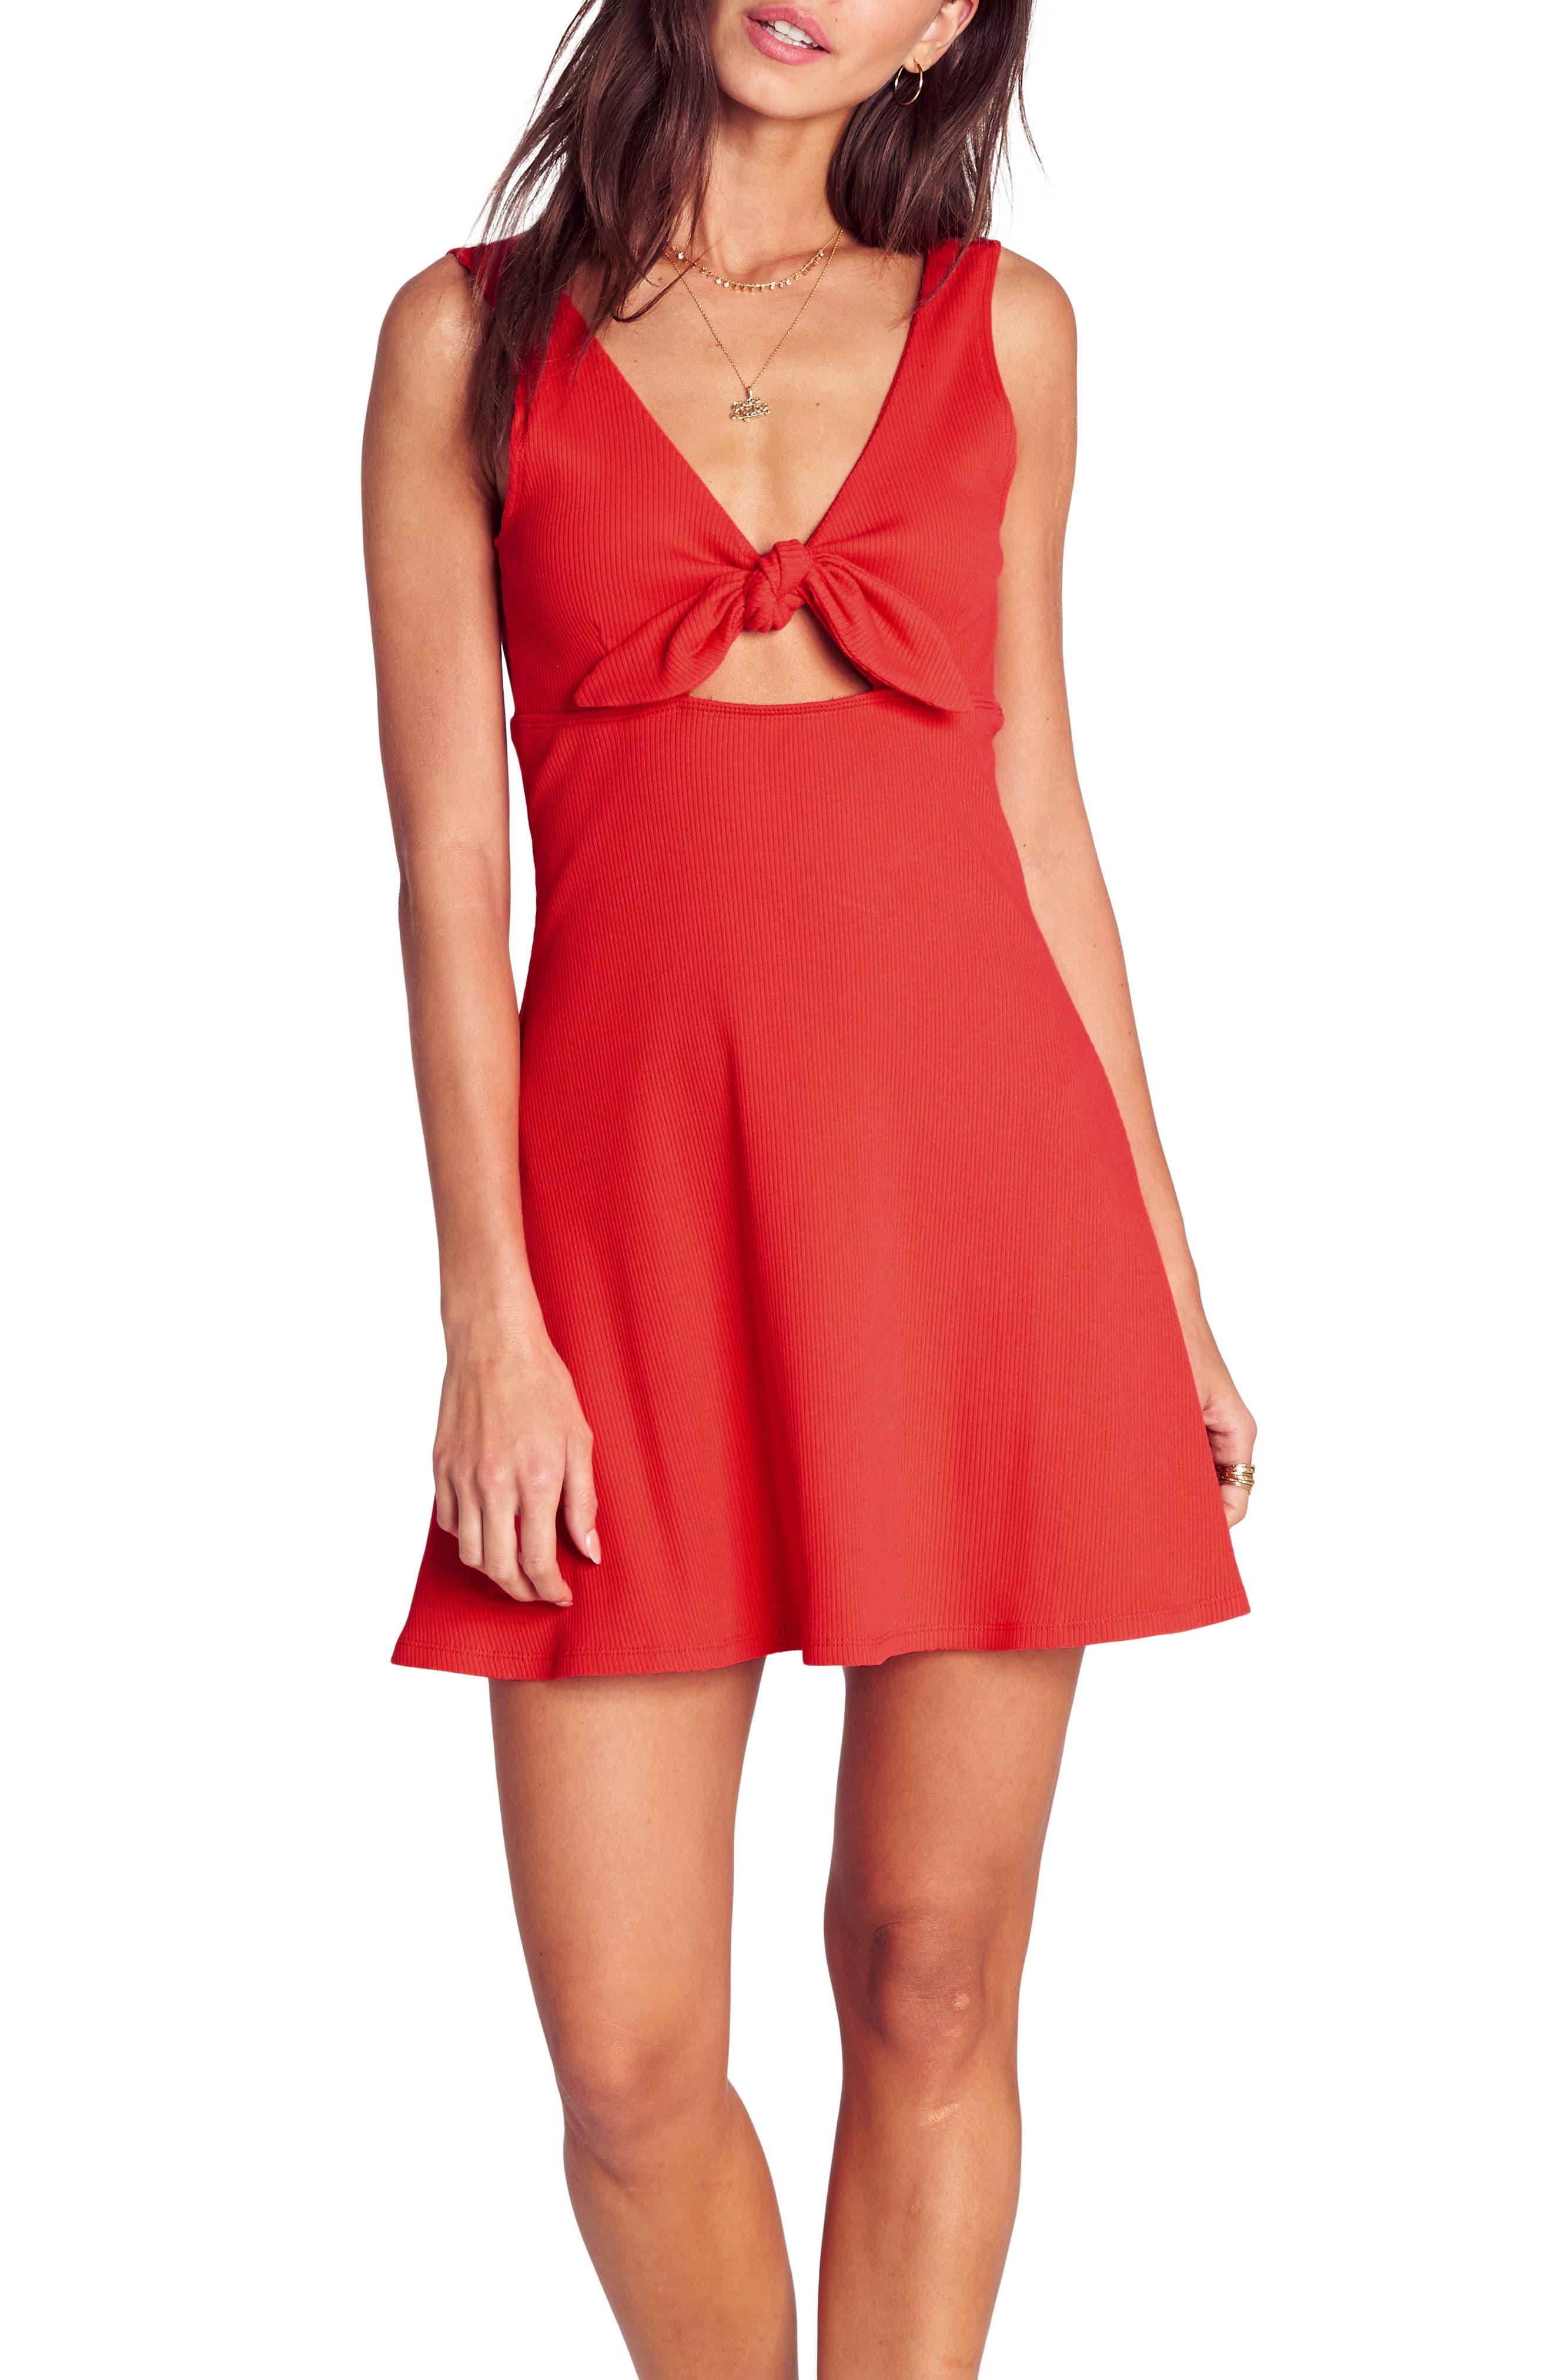 BILLABONG, Hola Holiday Cutout Minidress, Main thumbnail 1, color, SUNSET RED